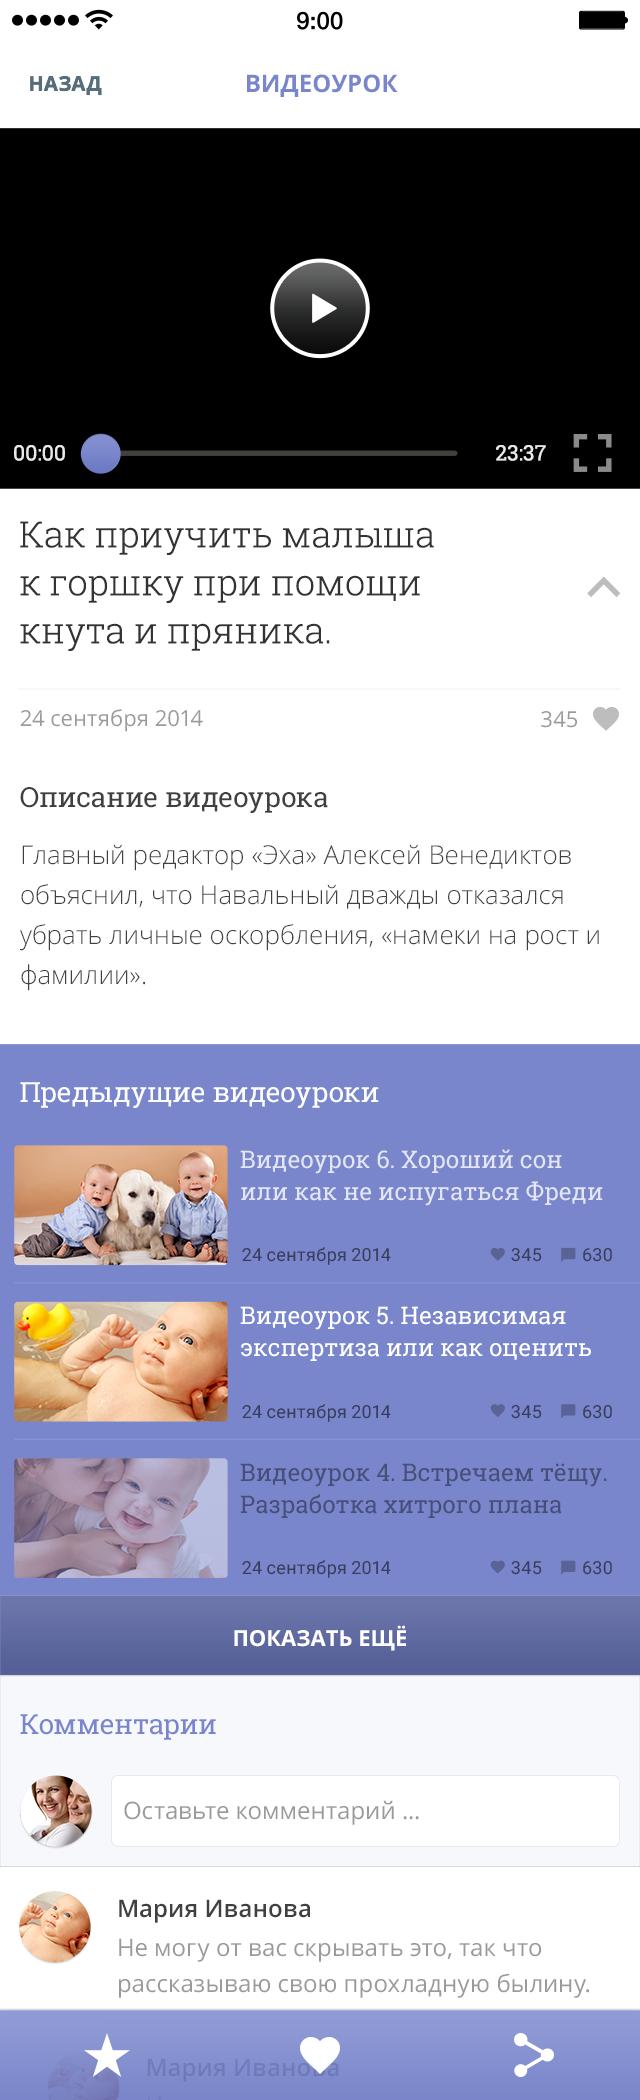 video_ek